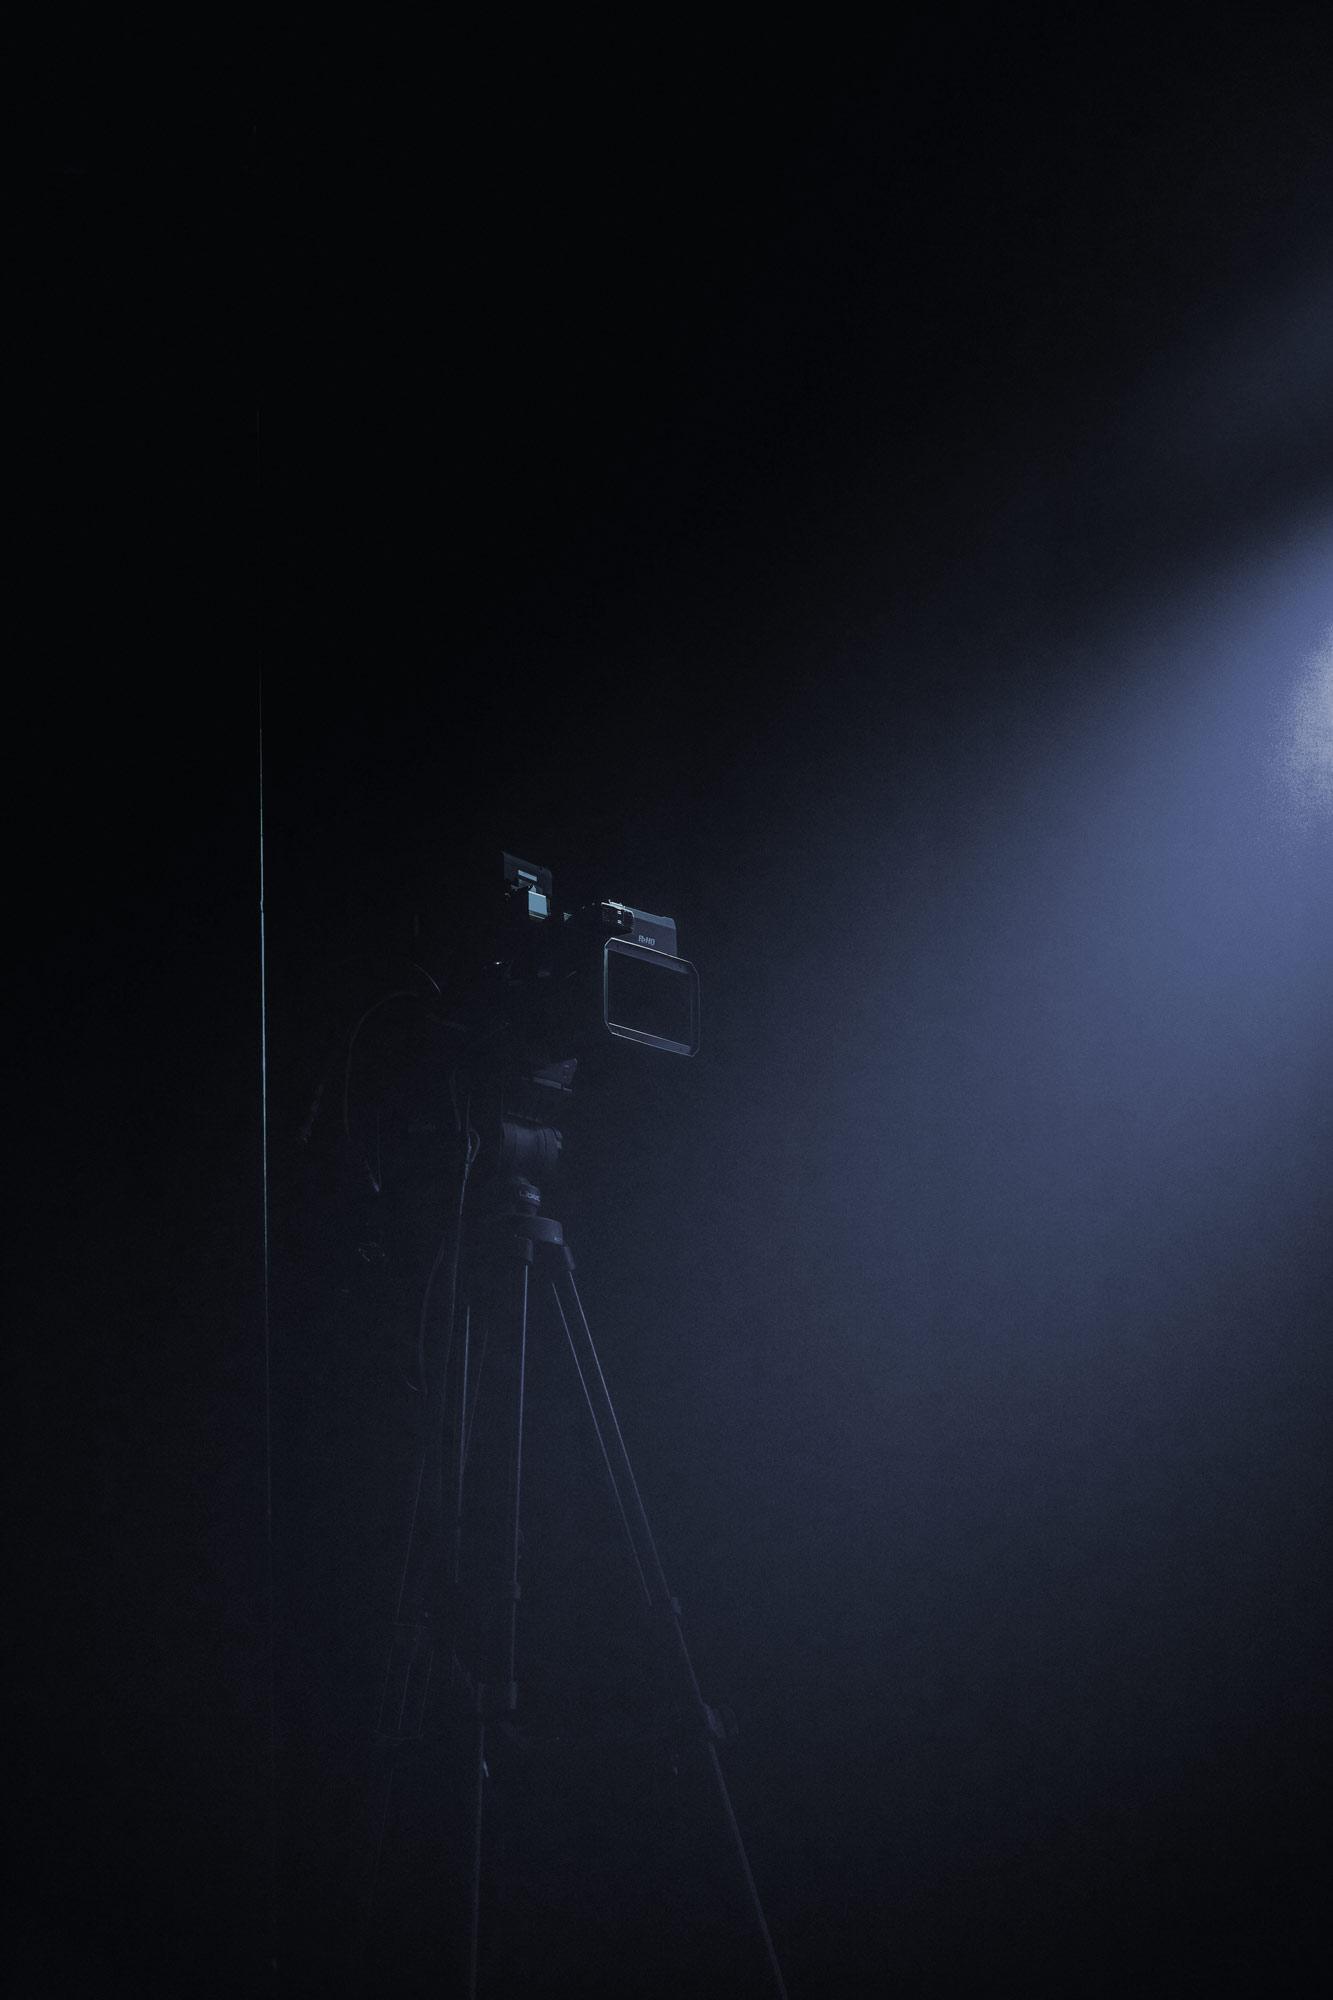 Réalisation de vidéo professionnelle La Marketerie à Evian, Thonon et Annemasse